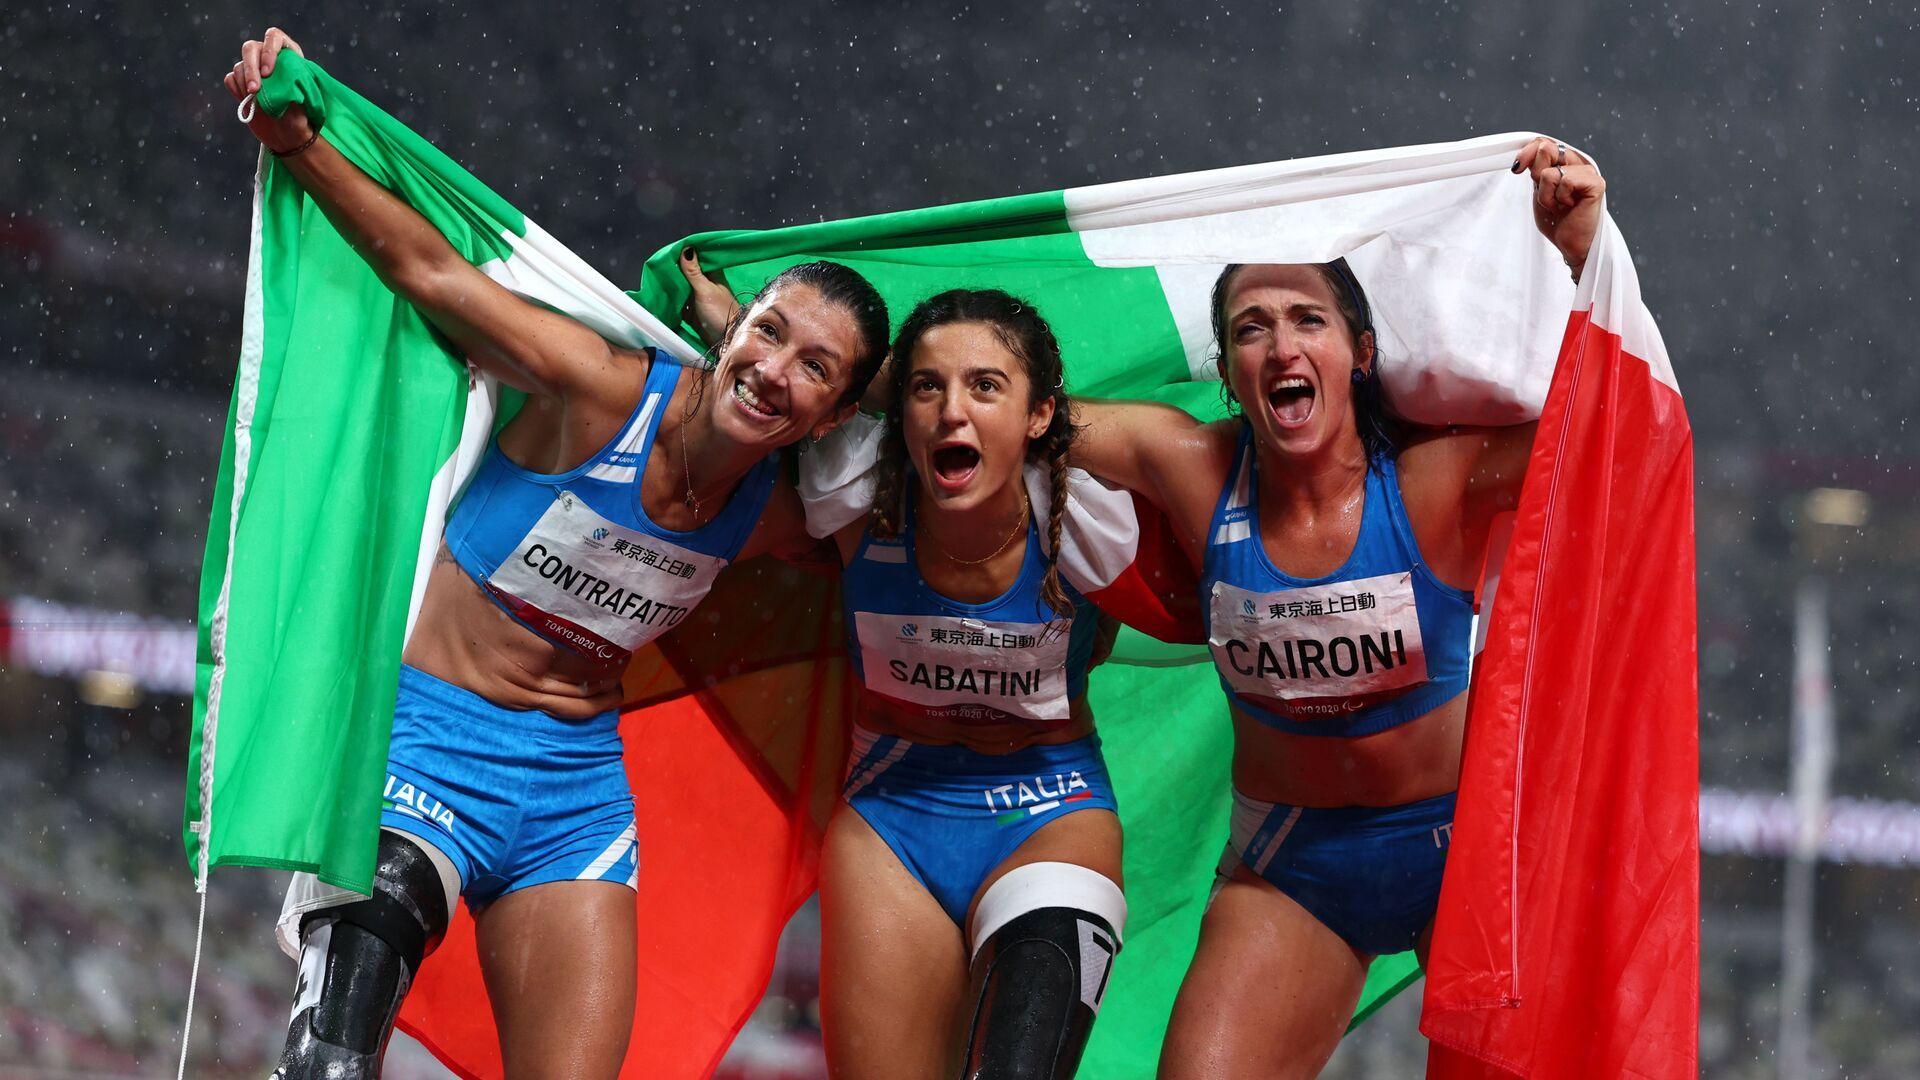 Ambra Sabatini, Martina Caironi e Monica Graziana Contrafatto - Sputnik Italia, 1920, 04.09.2021